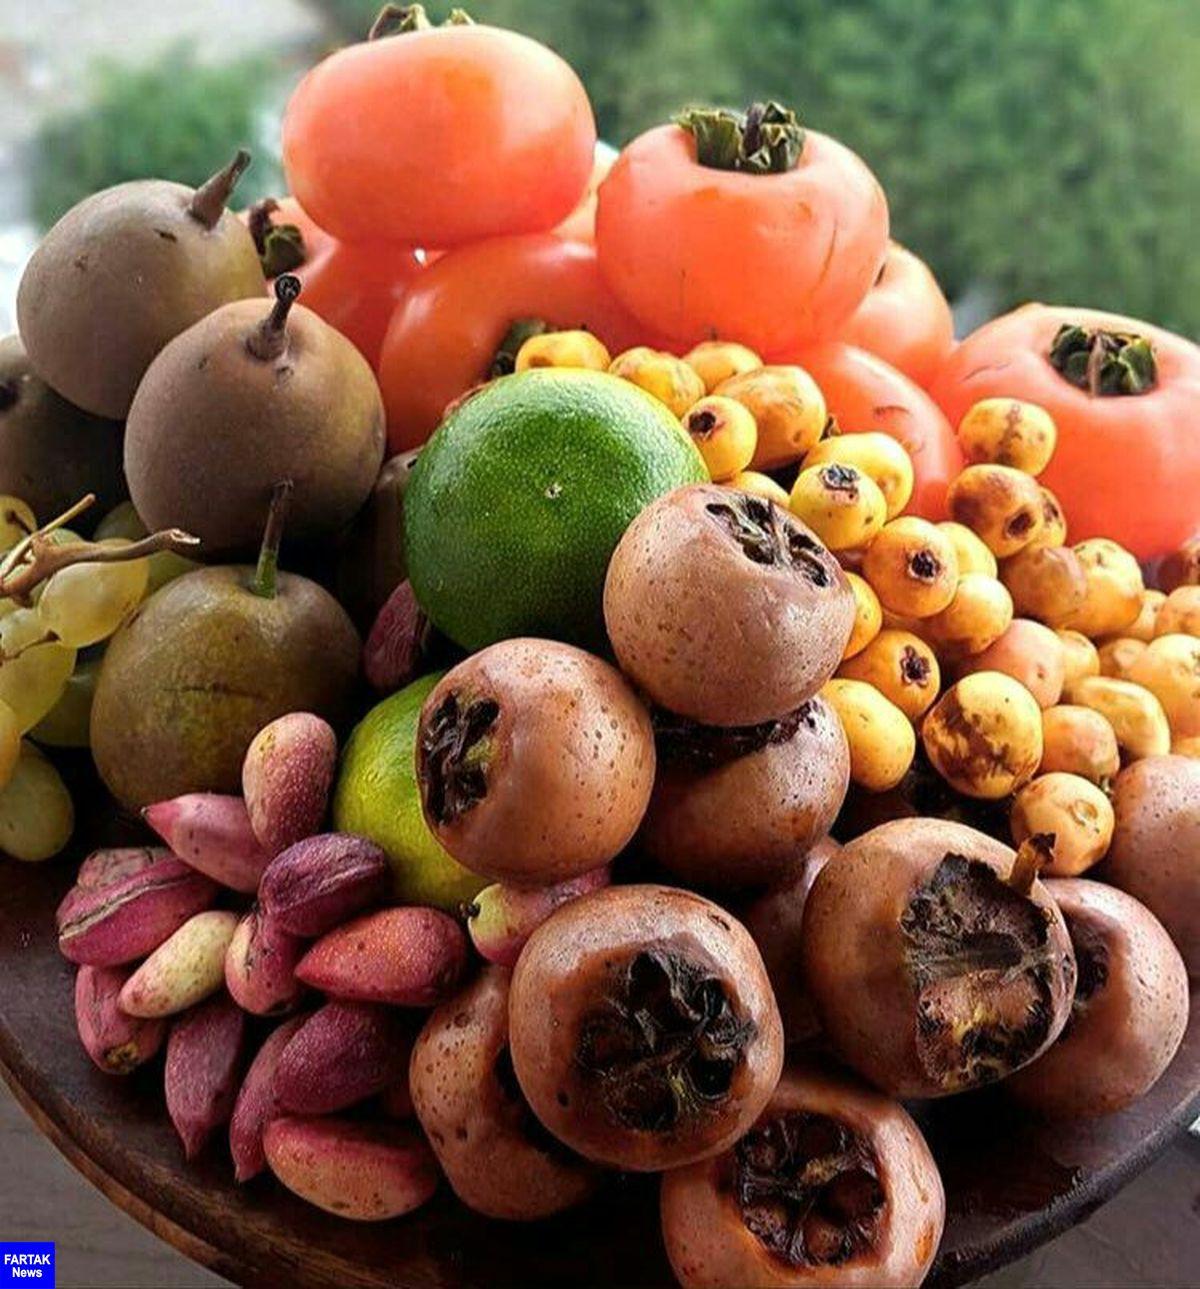 اعلام قیمت انواع میوه های پاییزی در میادین میوه و تره بار